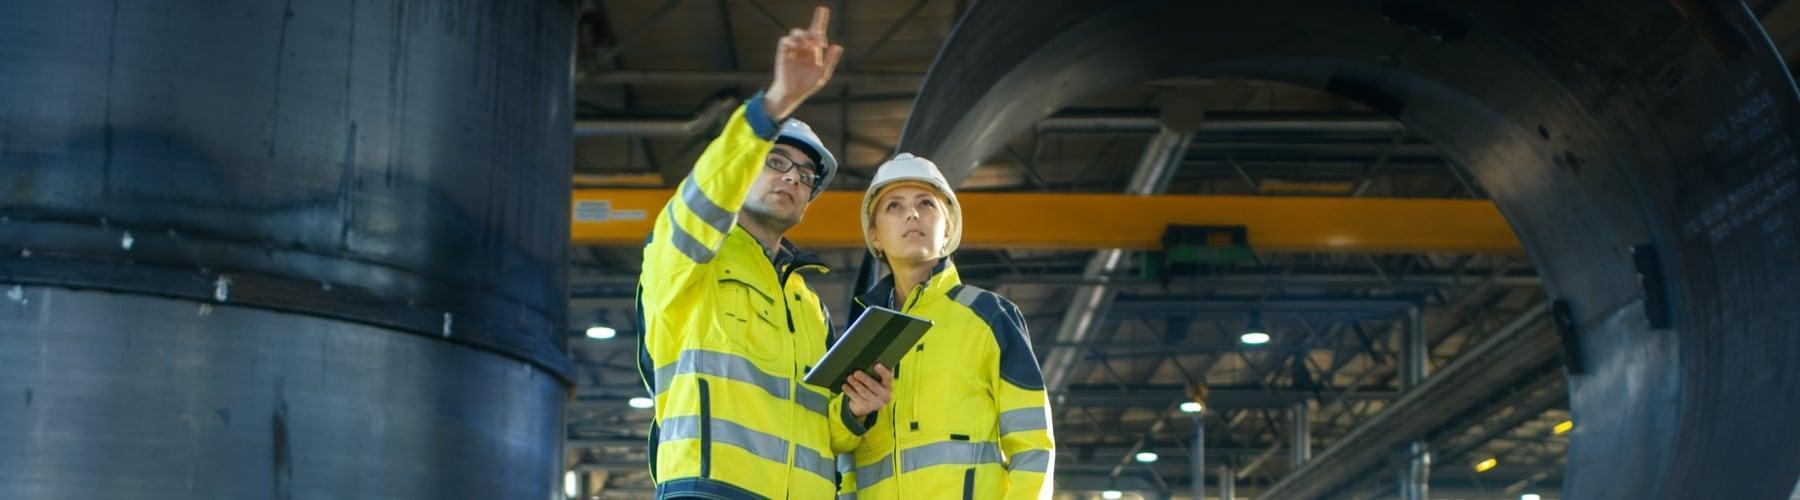 News - predictive maintenance - Dornbach Instandhaltung